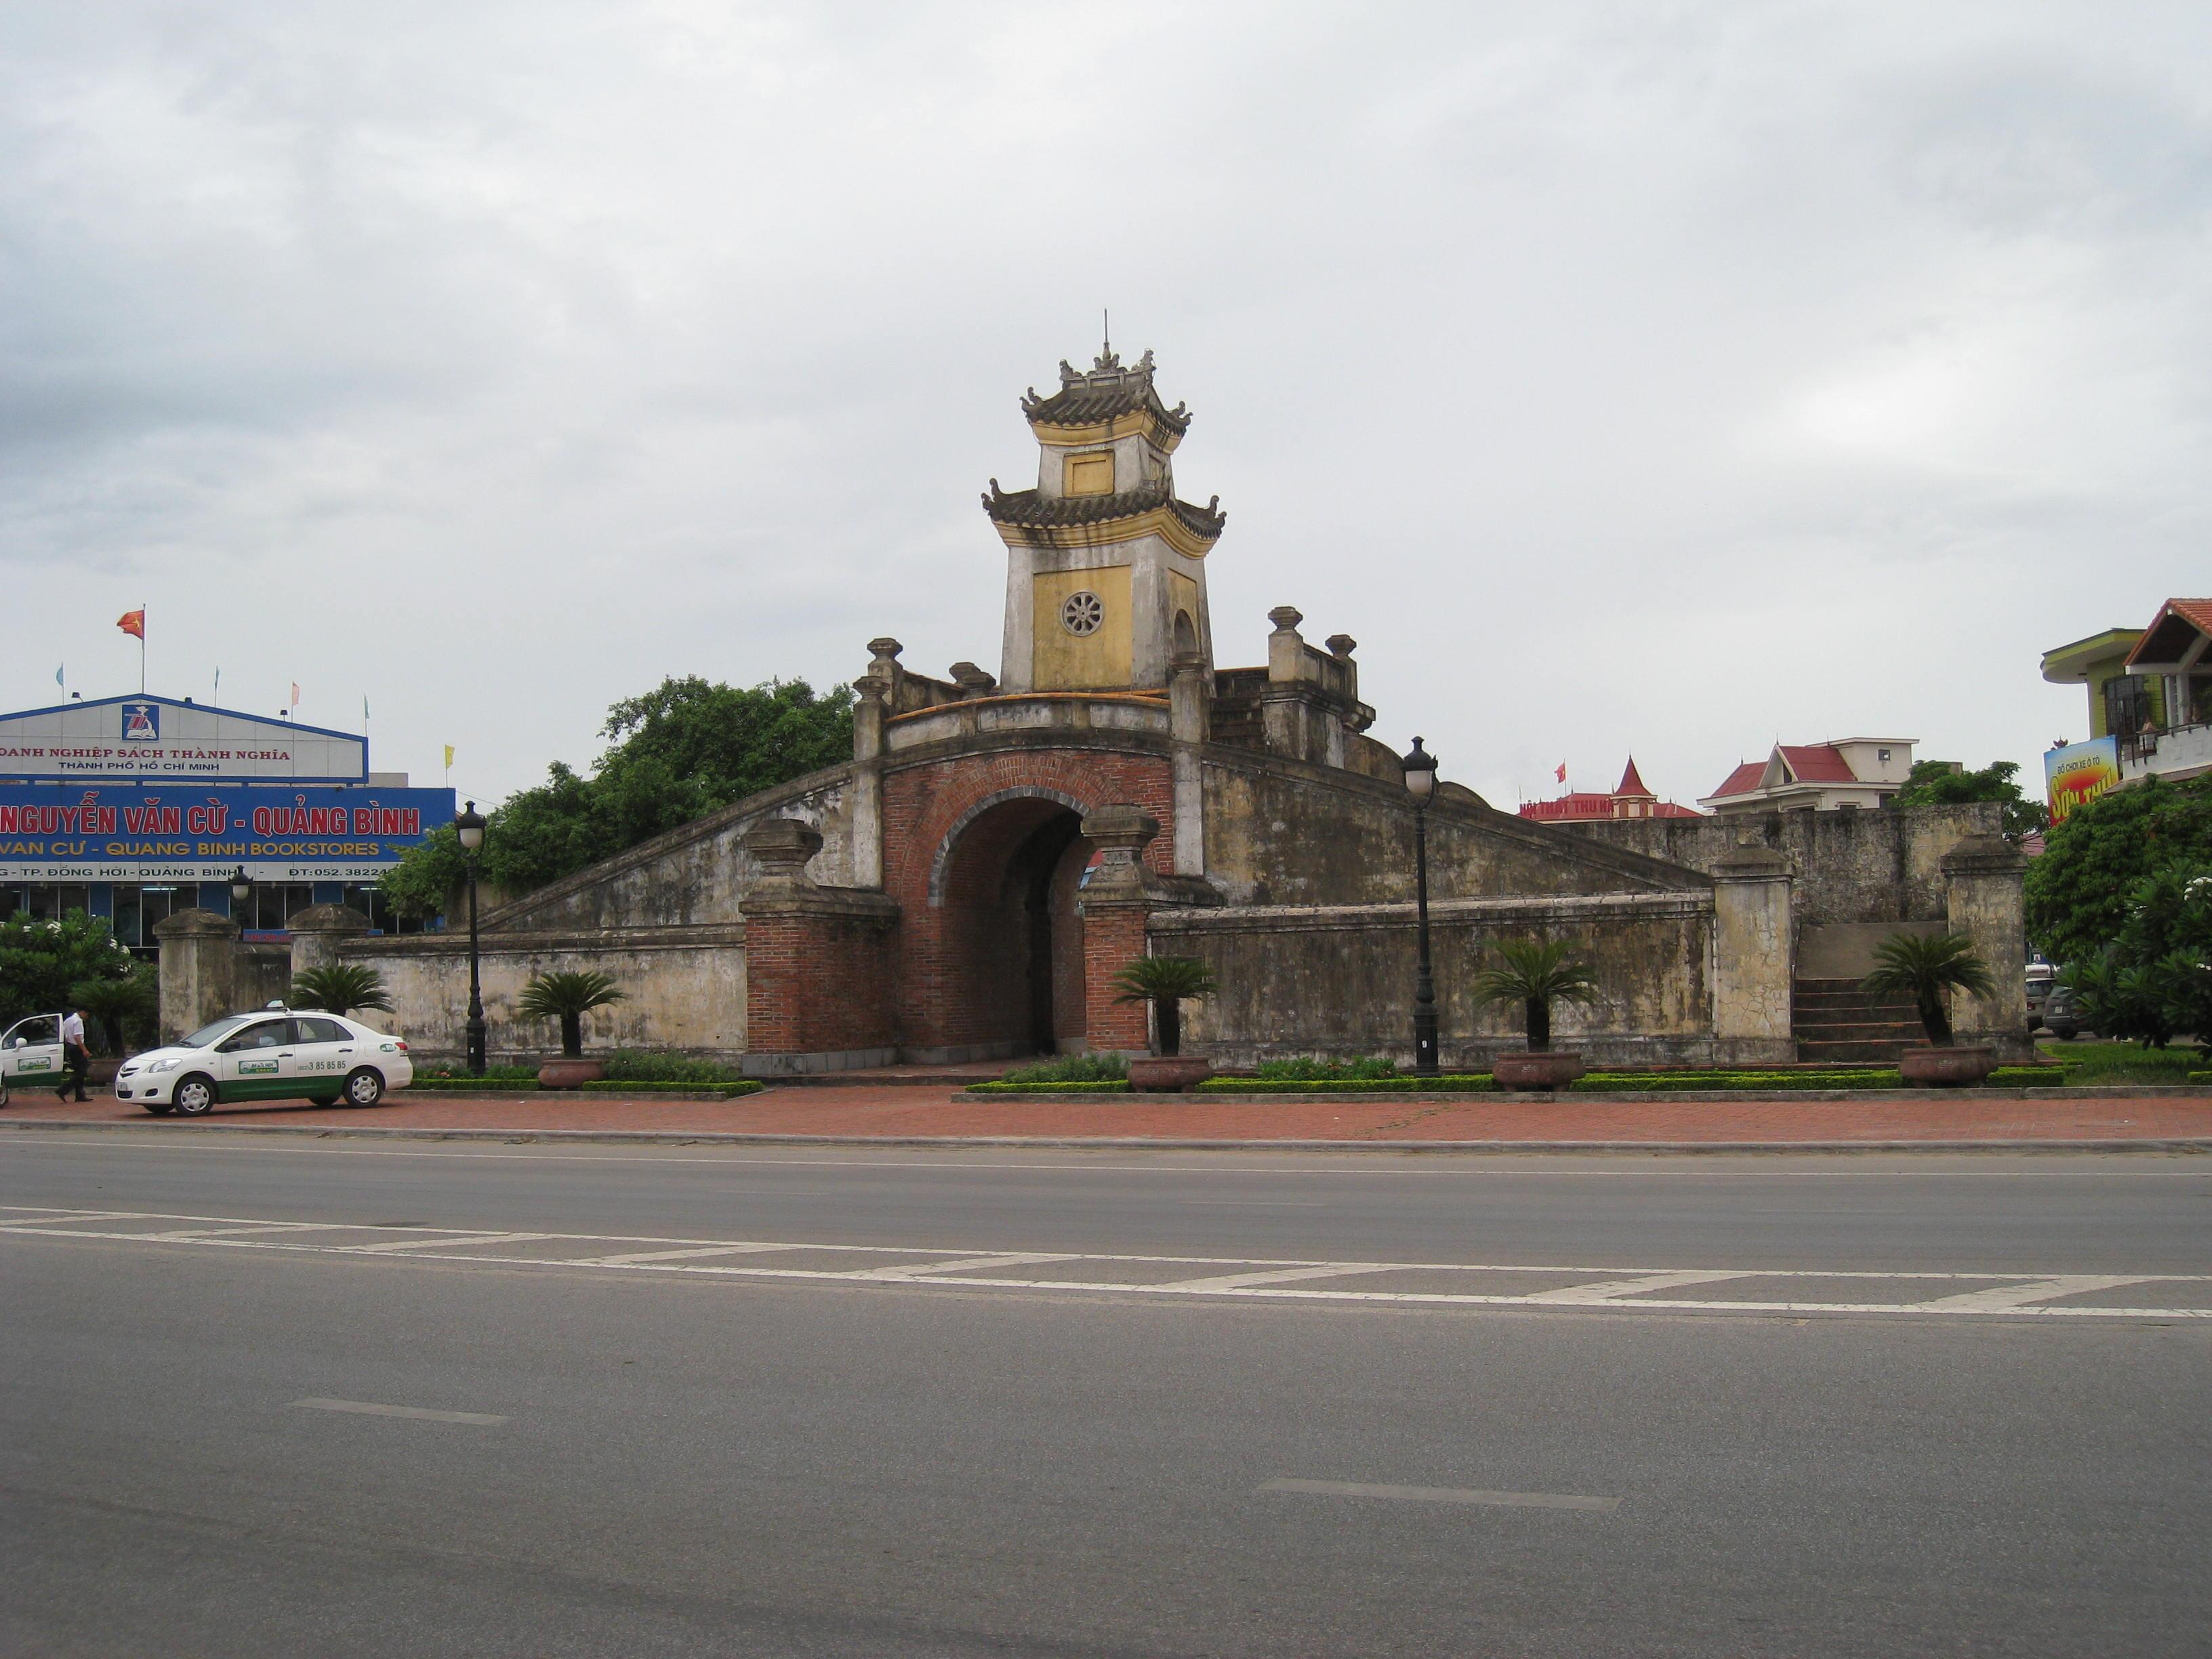 Bán nhớt Castrol chính hãng tại Quảng Bình